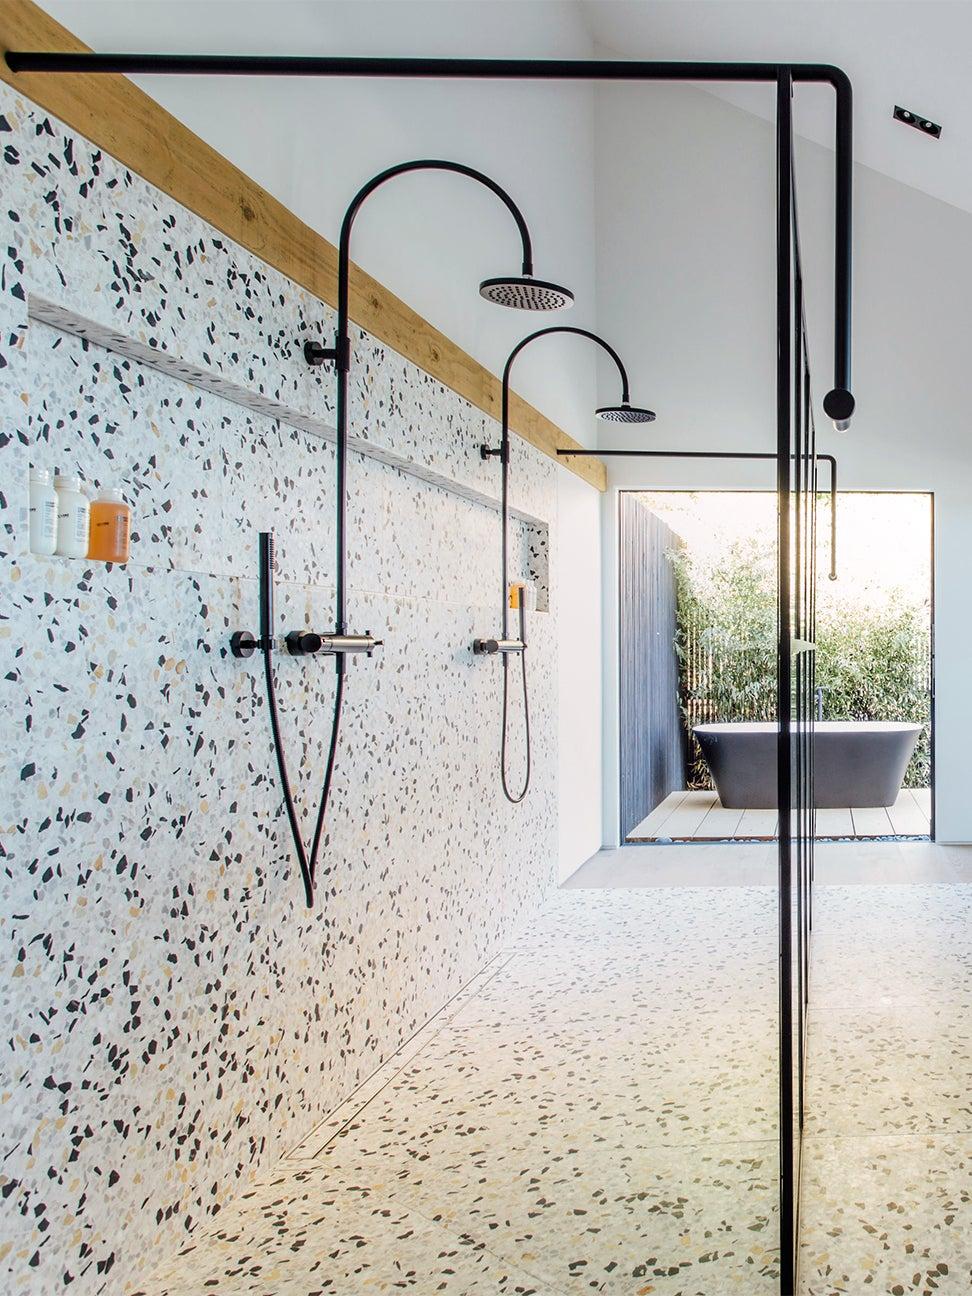 00-FEATURE-Terrazzo-bathroom-domino